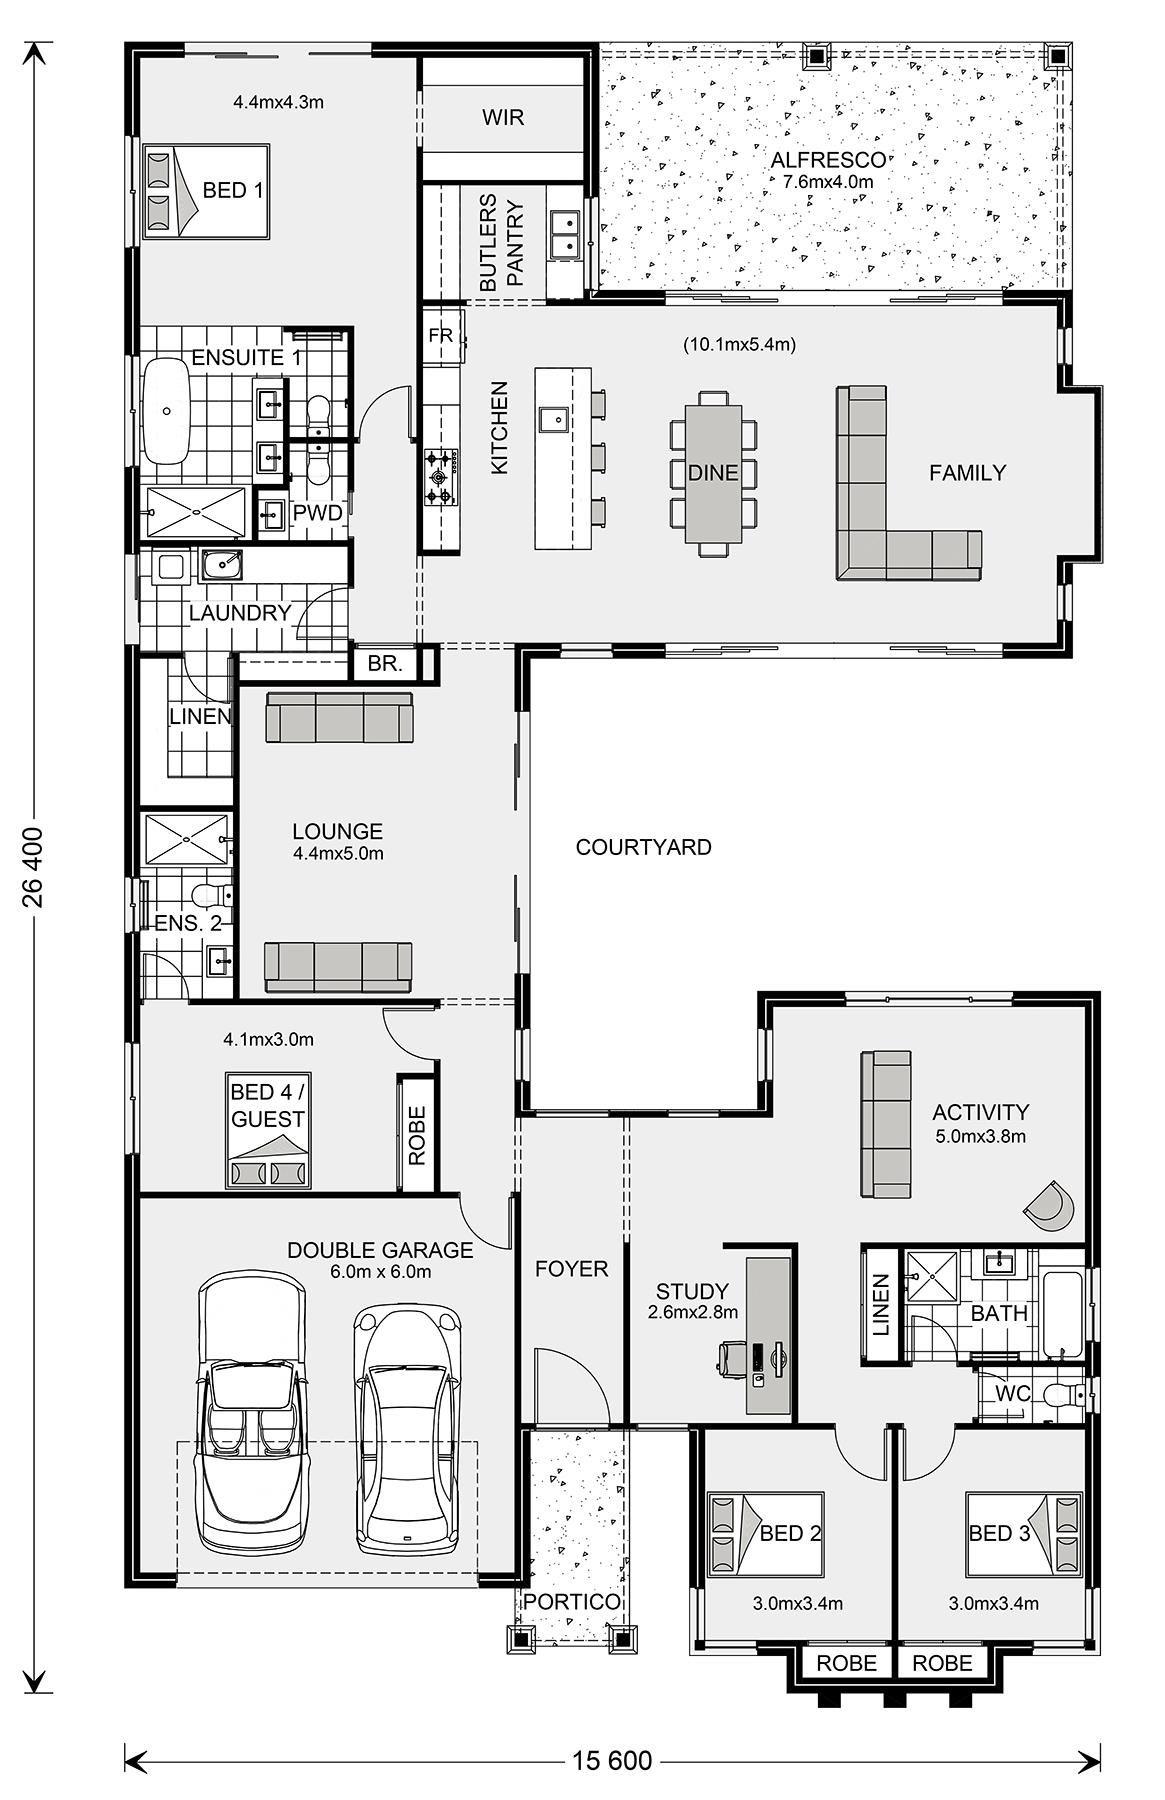 Floor Plan Mandalay 335 Home Design Bungalow Floor Plans Home Design Floor Plans Floor Plan Design